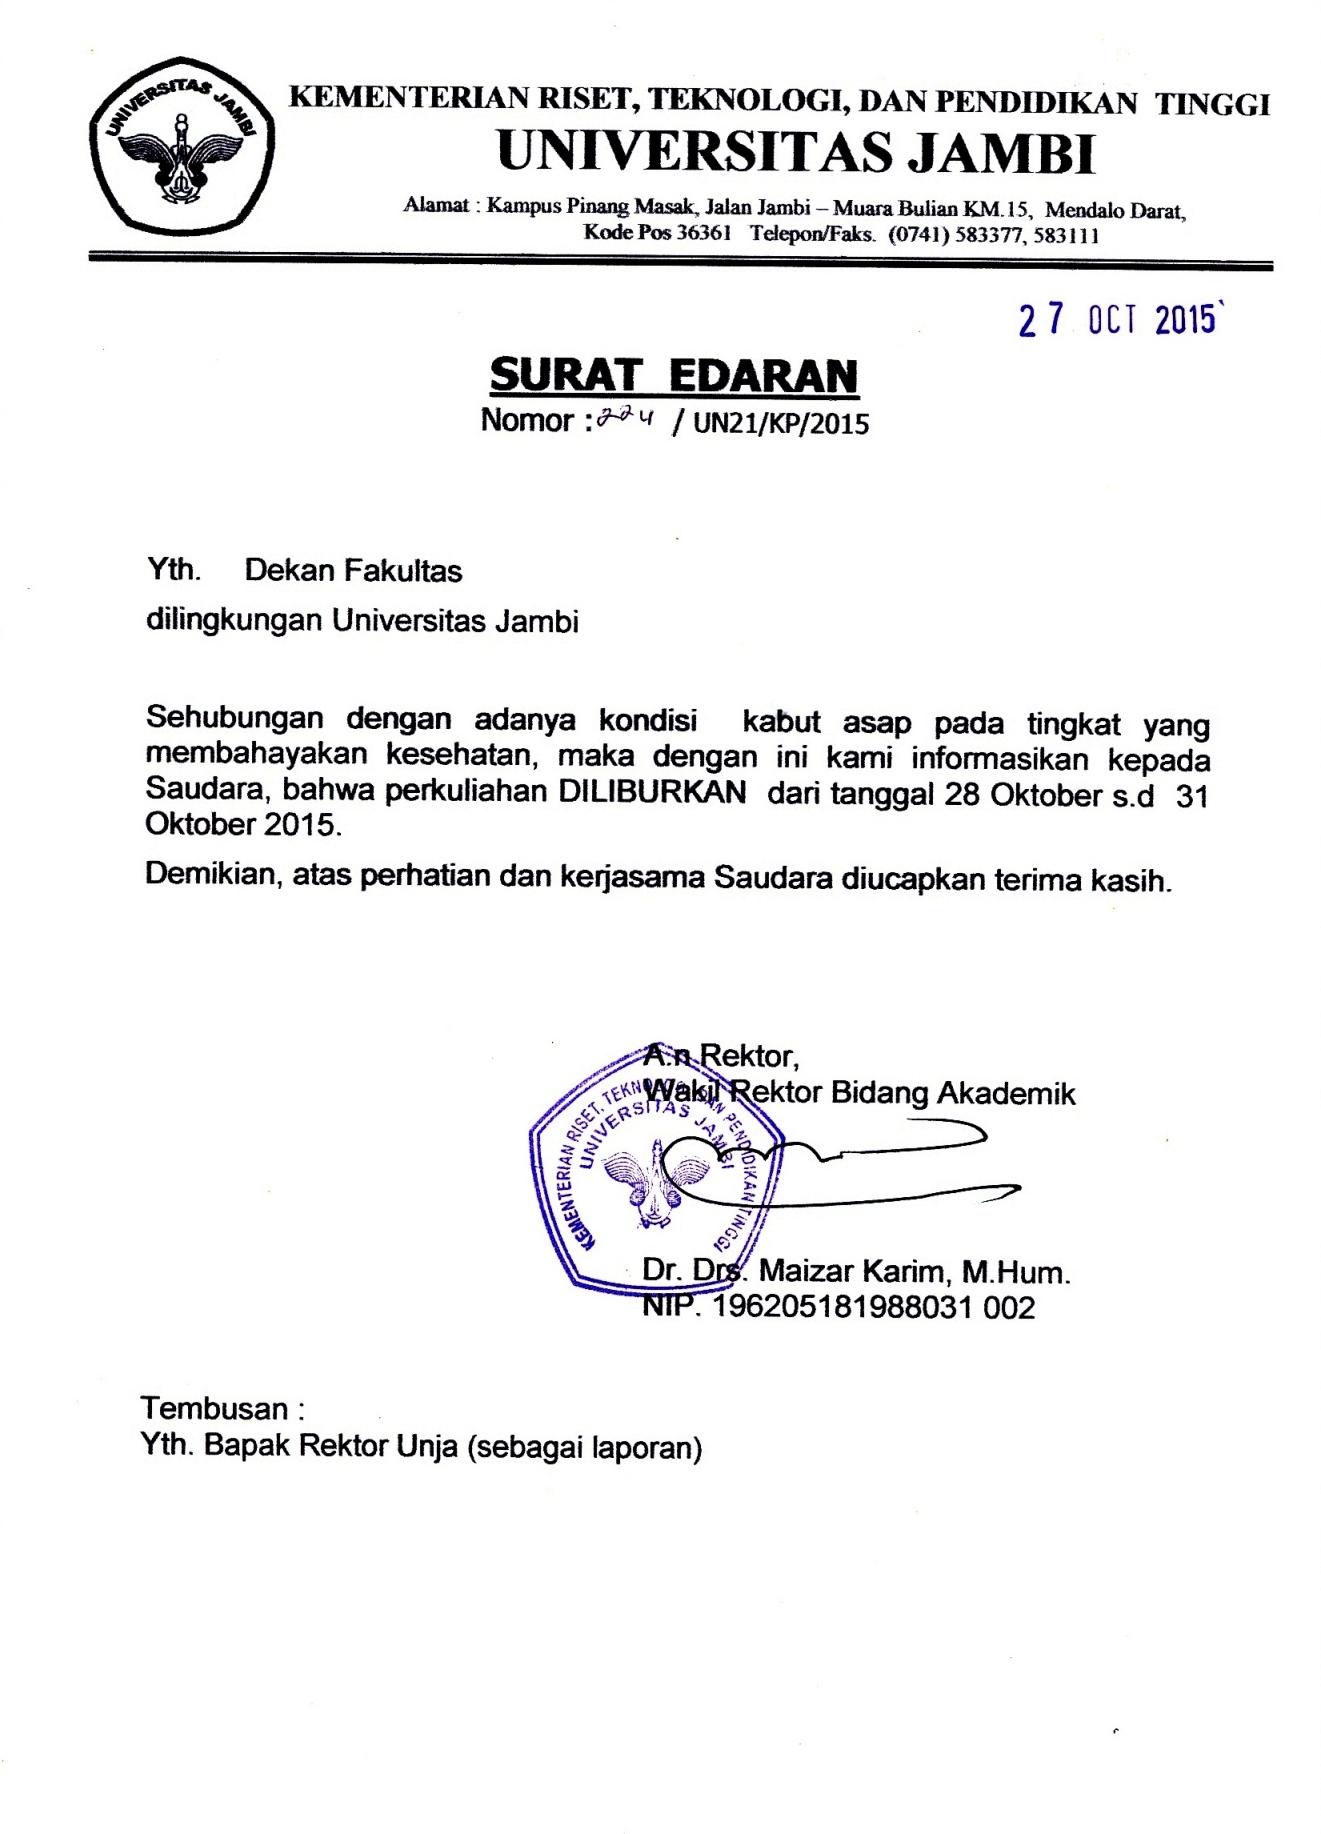 Surat Edaran Rektor Universitas Jambi No.224/UN21/KP/2015 Tgl. 27 Oktober 2015 Libur Perkuliahan